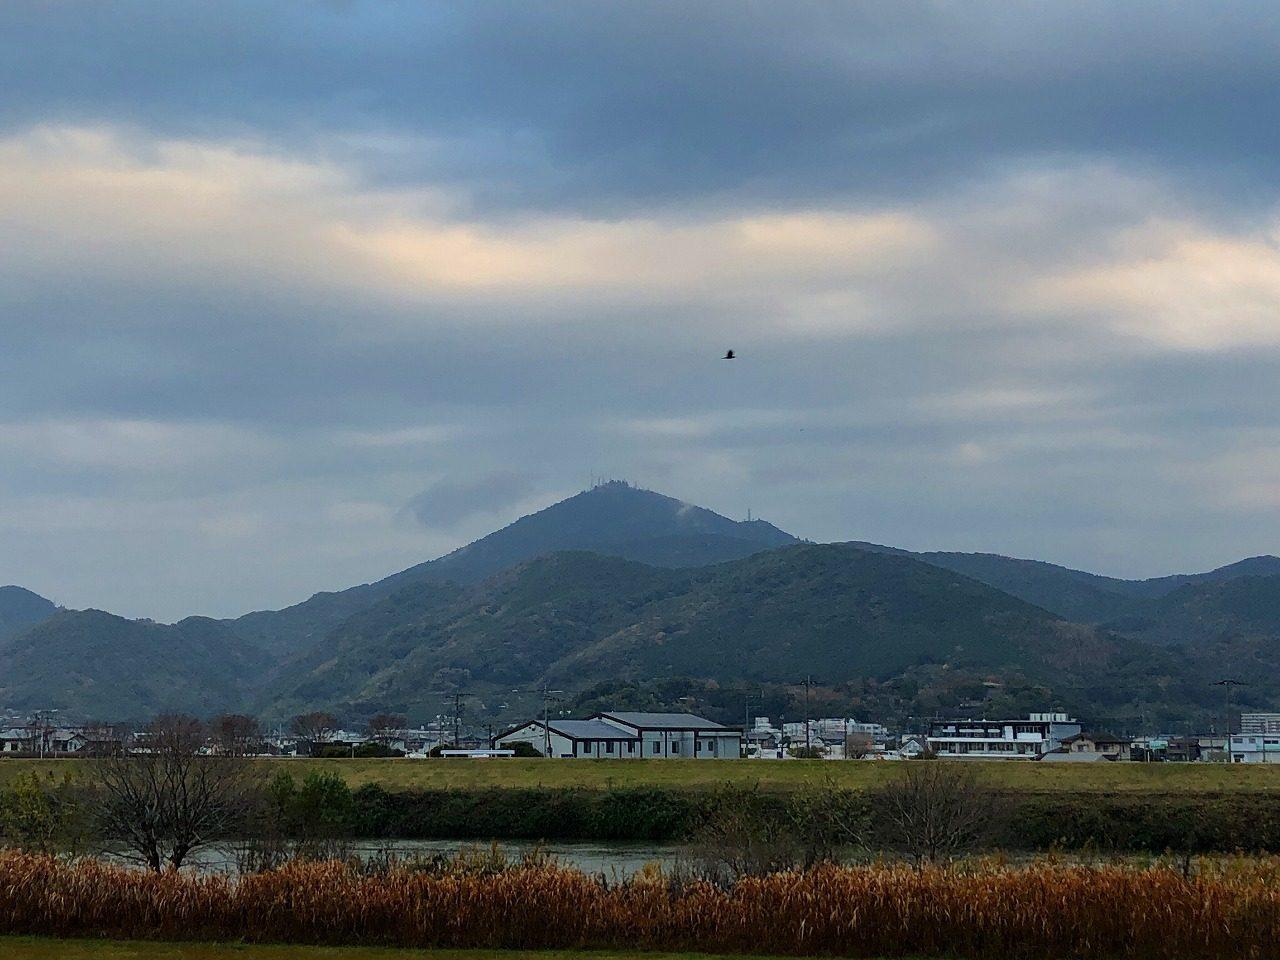 2018.12.17今朝の金峰山です。